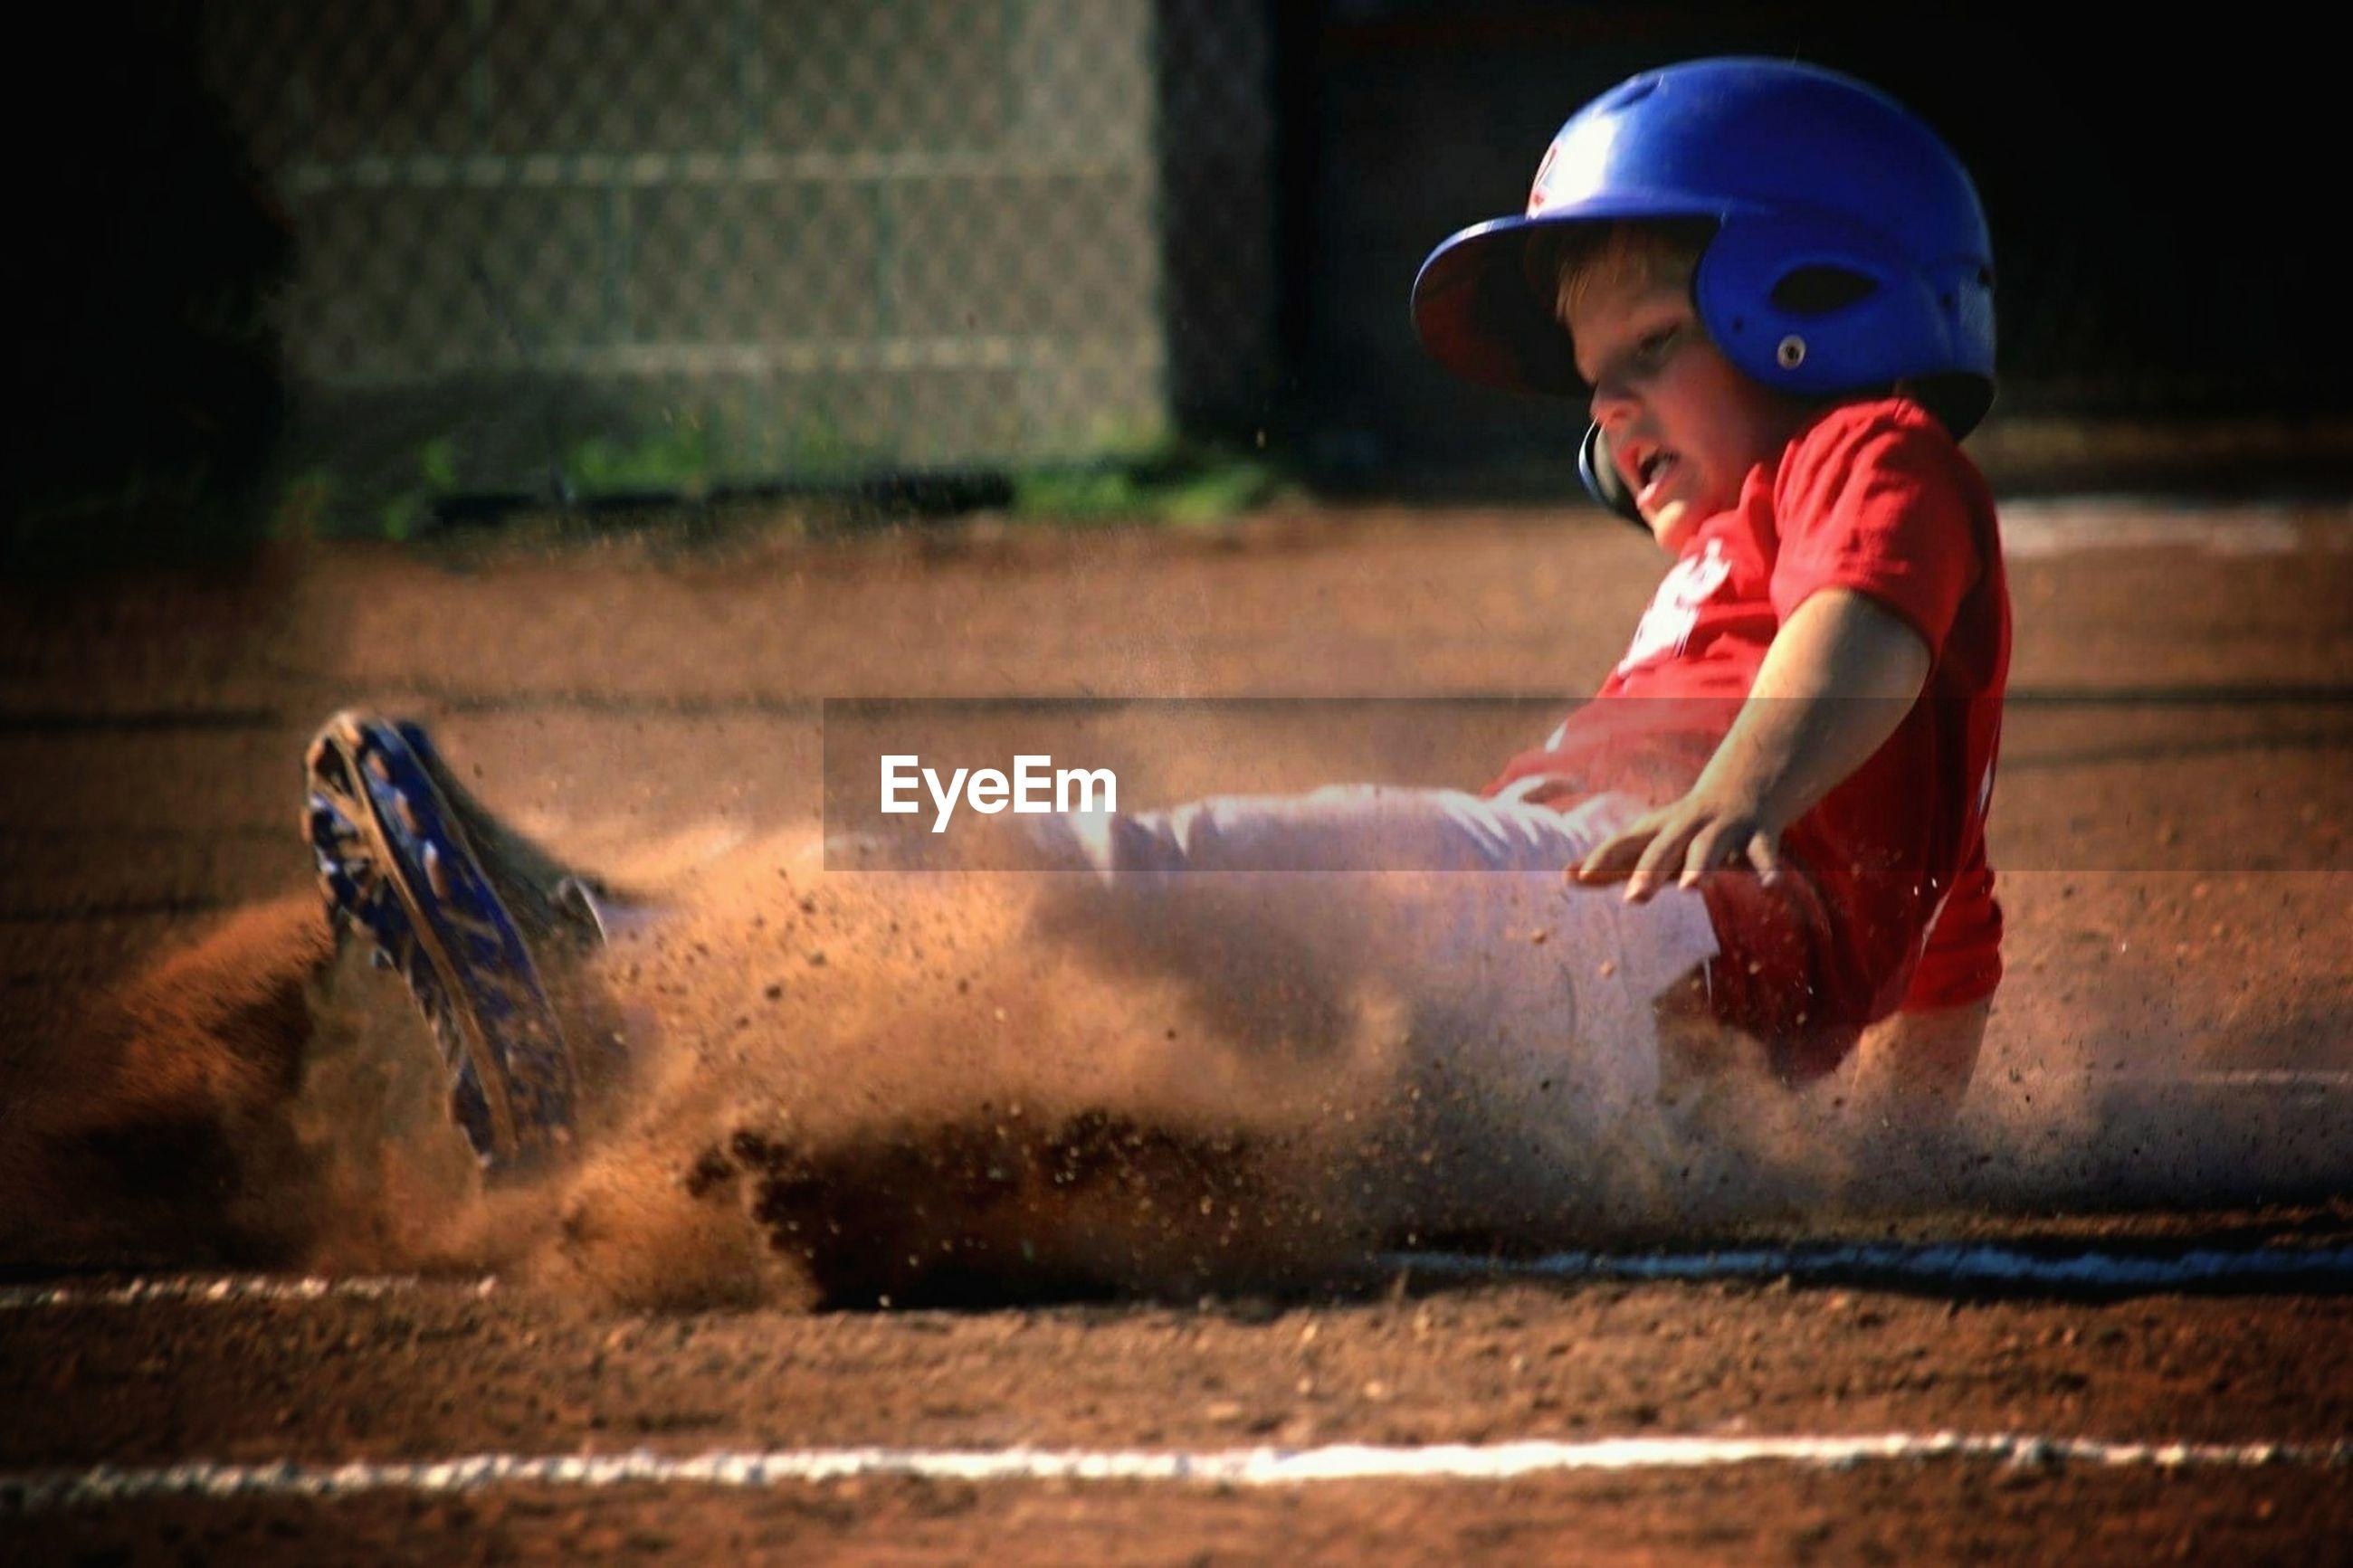 Boy on baseball field